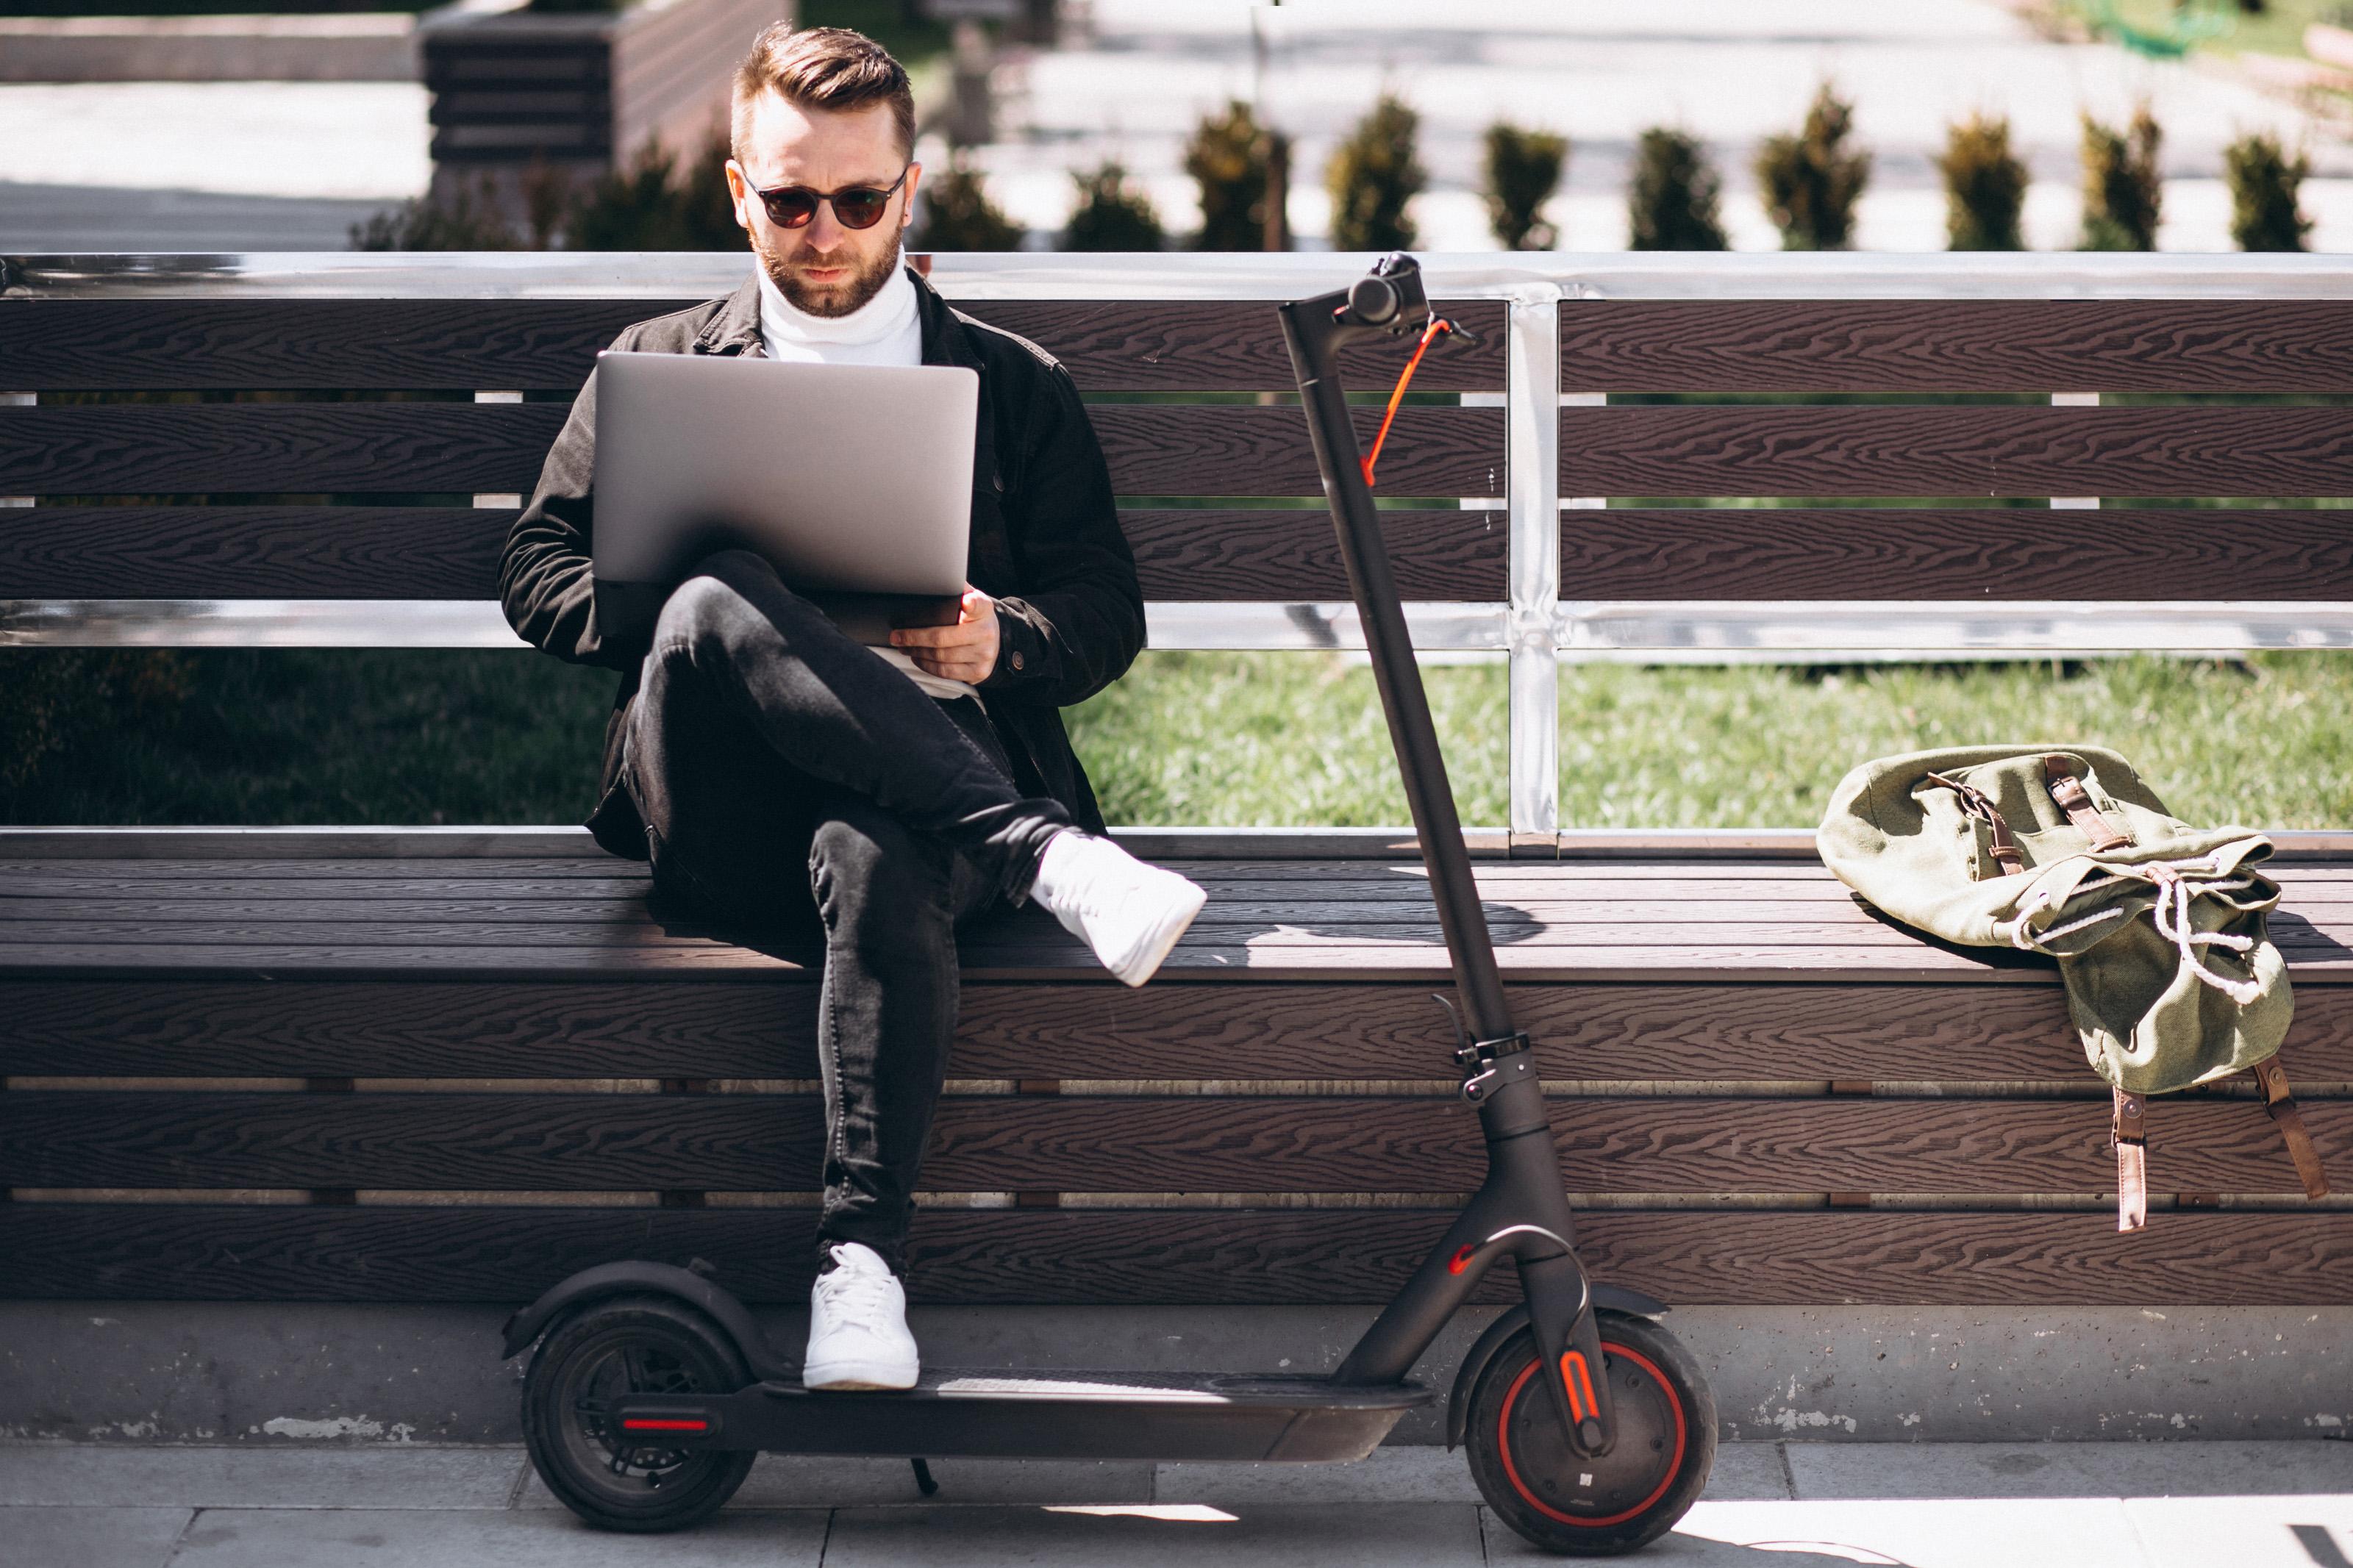 Un uomo richiede il bonus mobilità dal suo pc dopo aver acquistato un monopattino elettrico